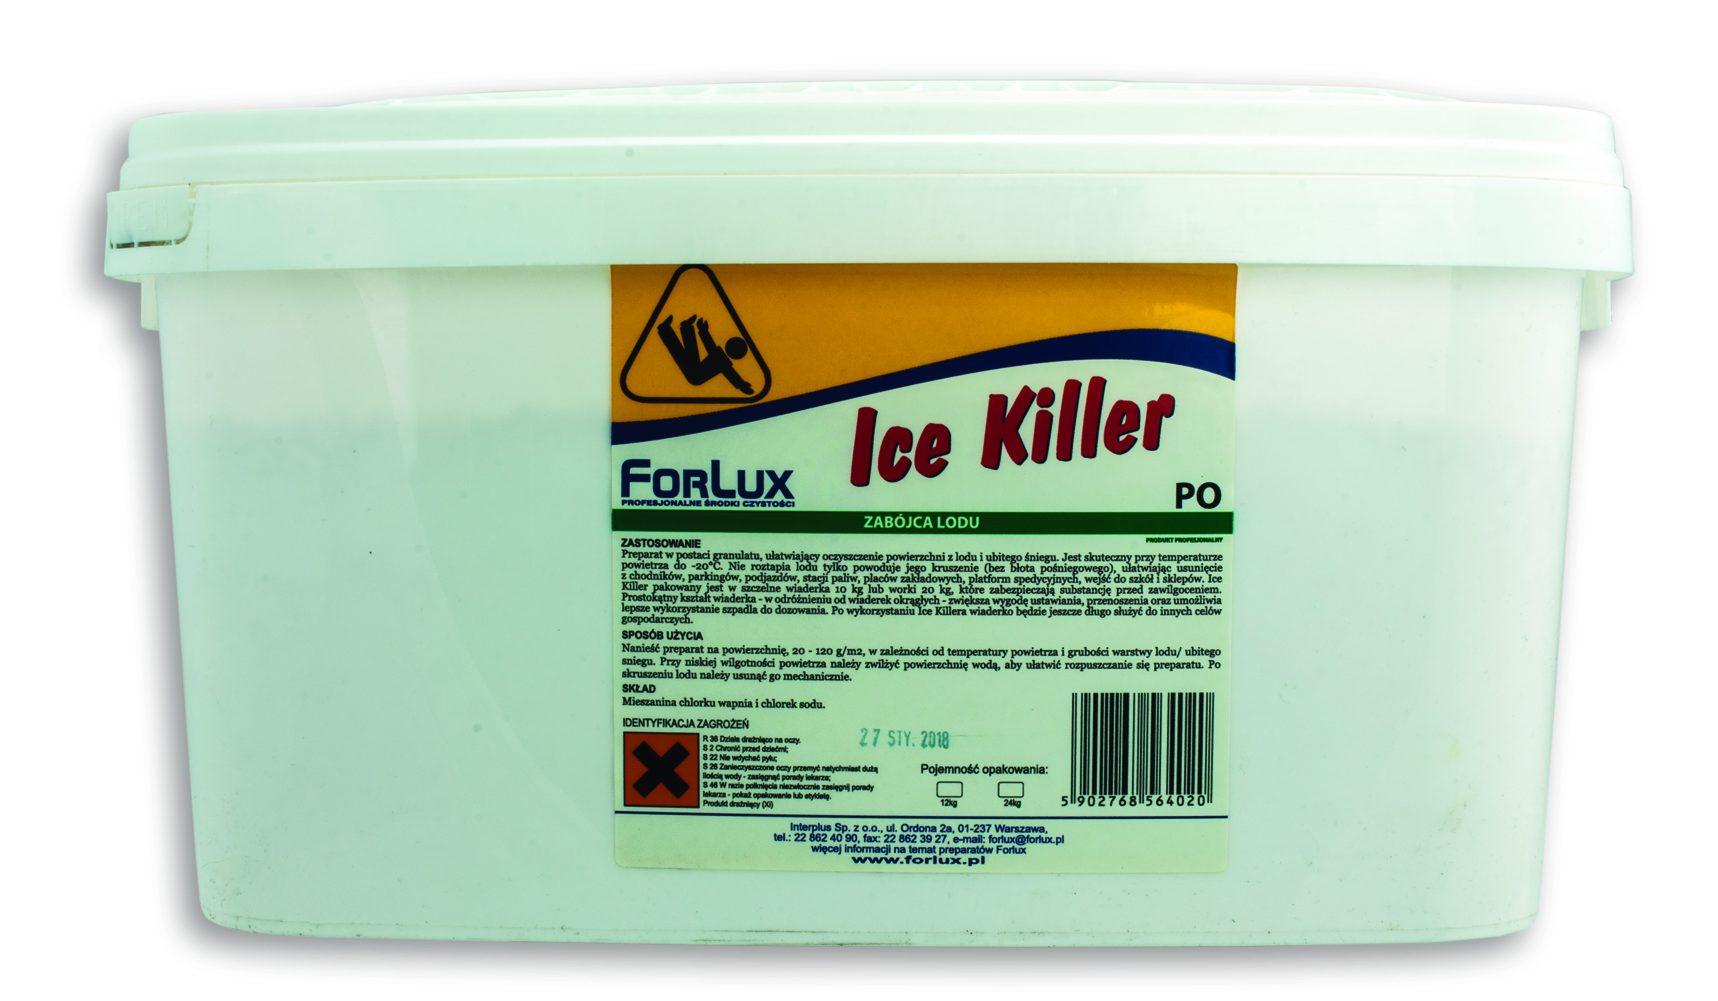 FORLUX PO Ice killer